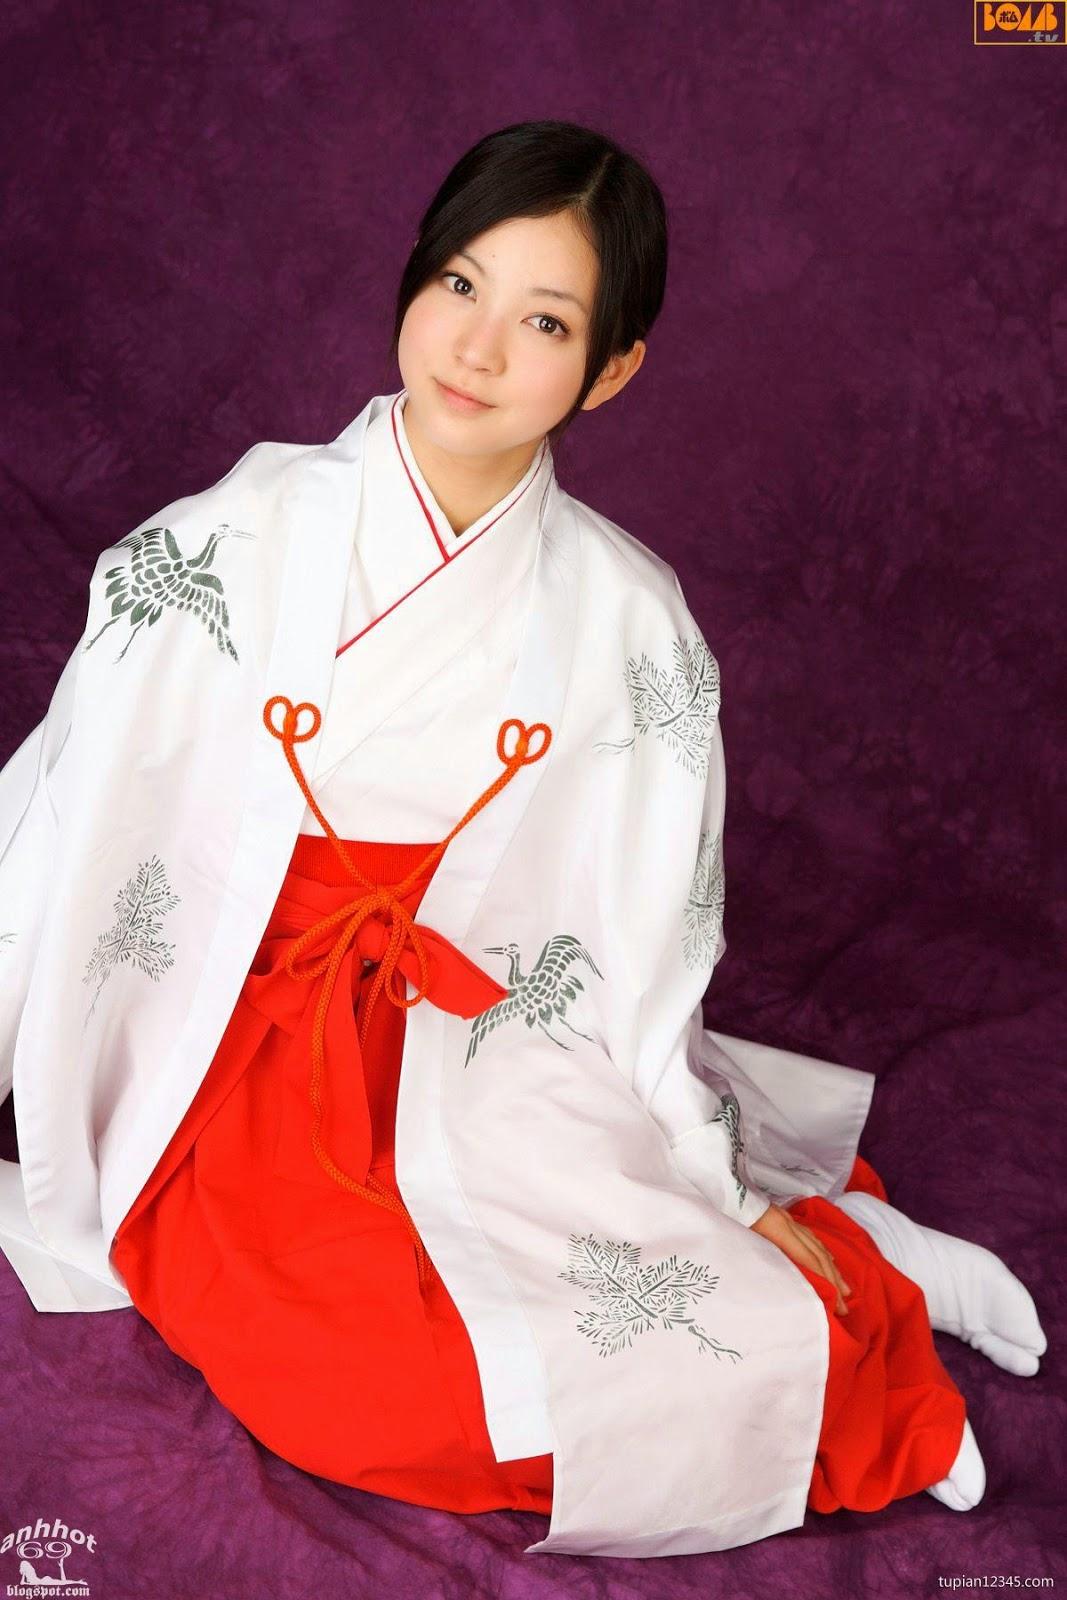 maari-nakashima_1-110F5105423